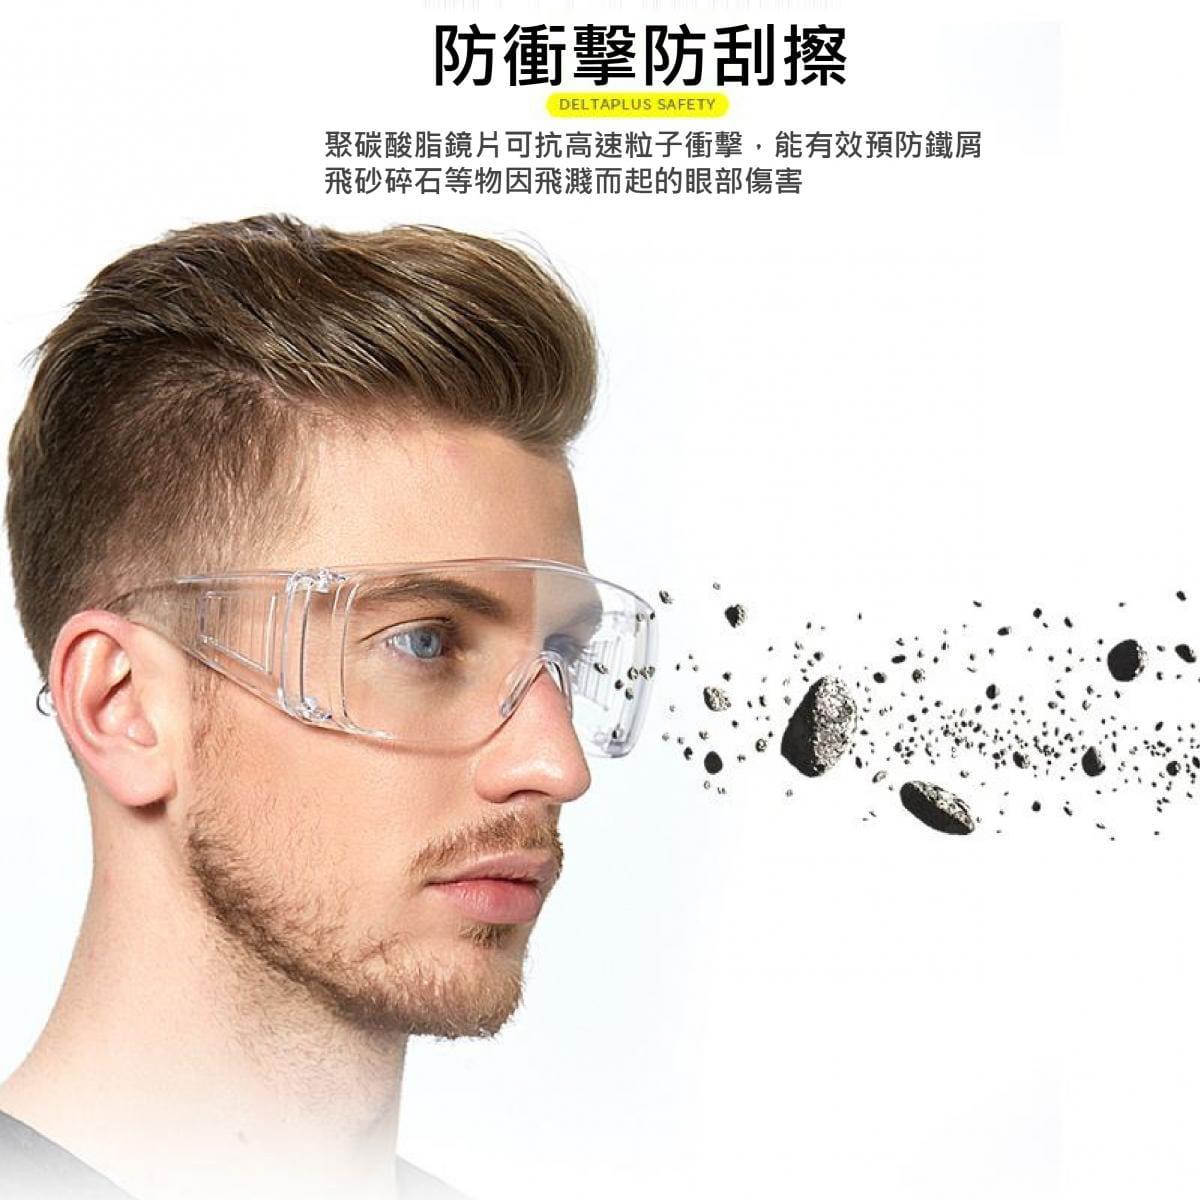 【英才星】台灣製防霧透明運動護目眼鏡 加贈眼鏡袋+眼鏡布 7